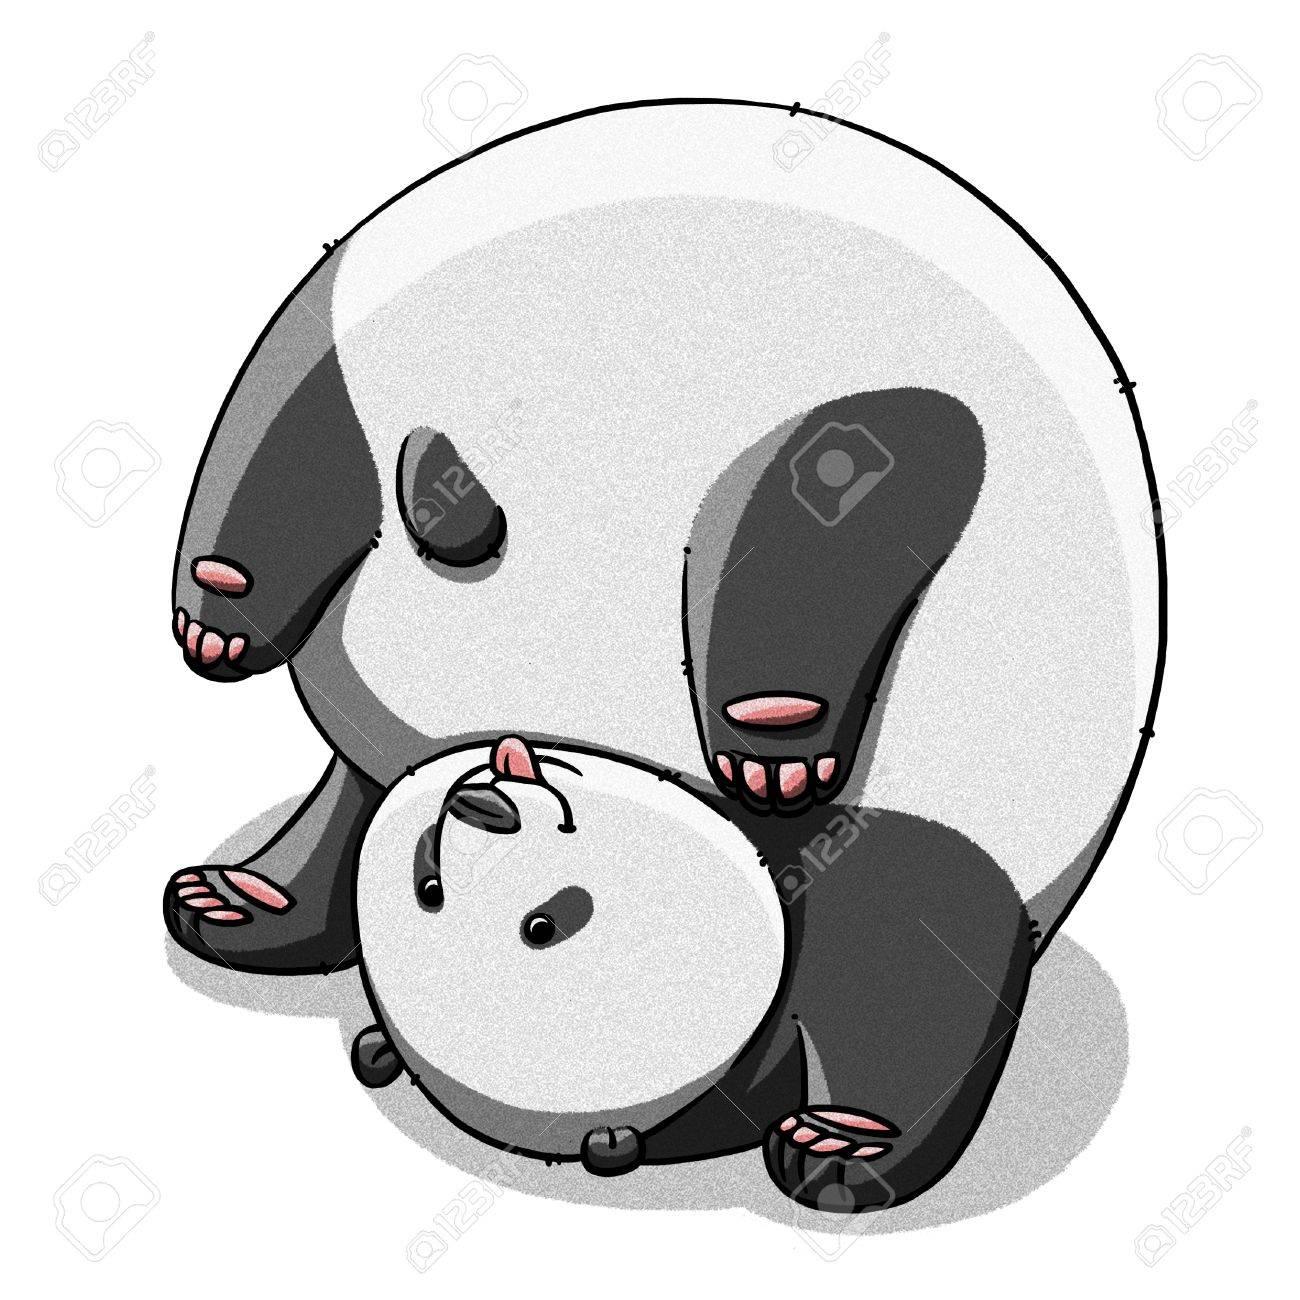 Funny Cartoon Cute Cool Fat Panda Bear Illustration Stock